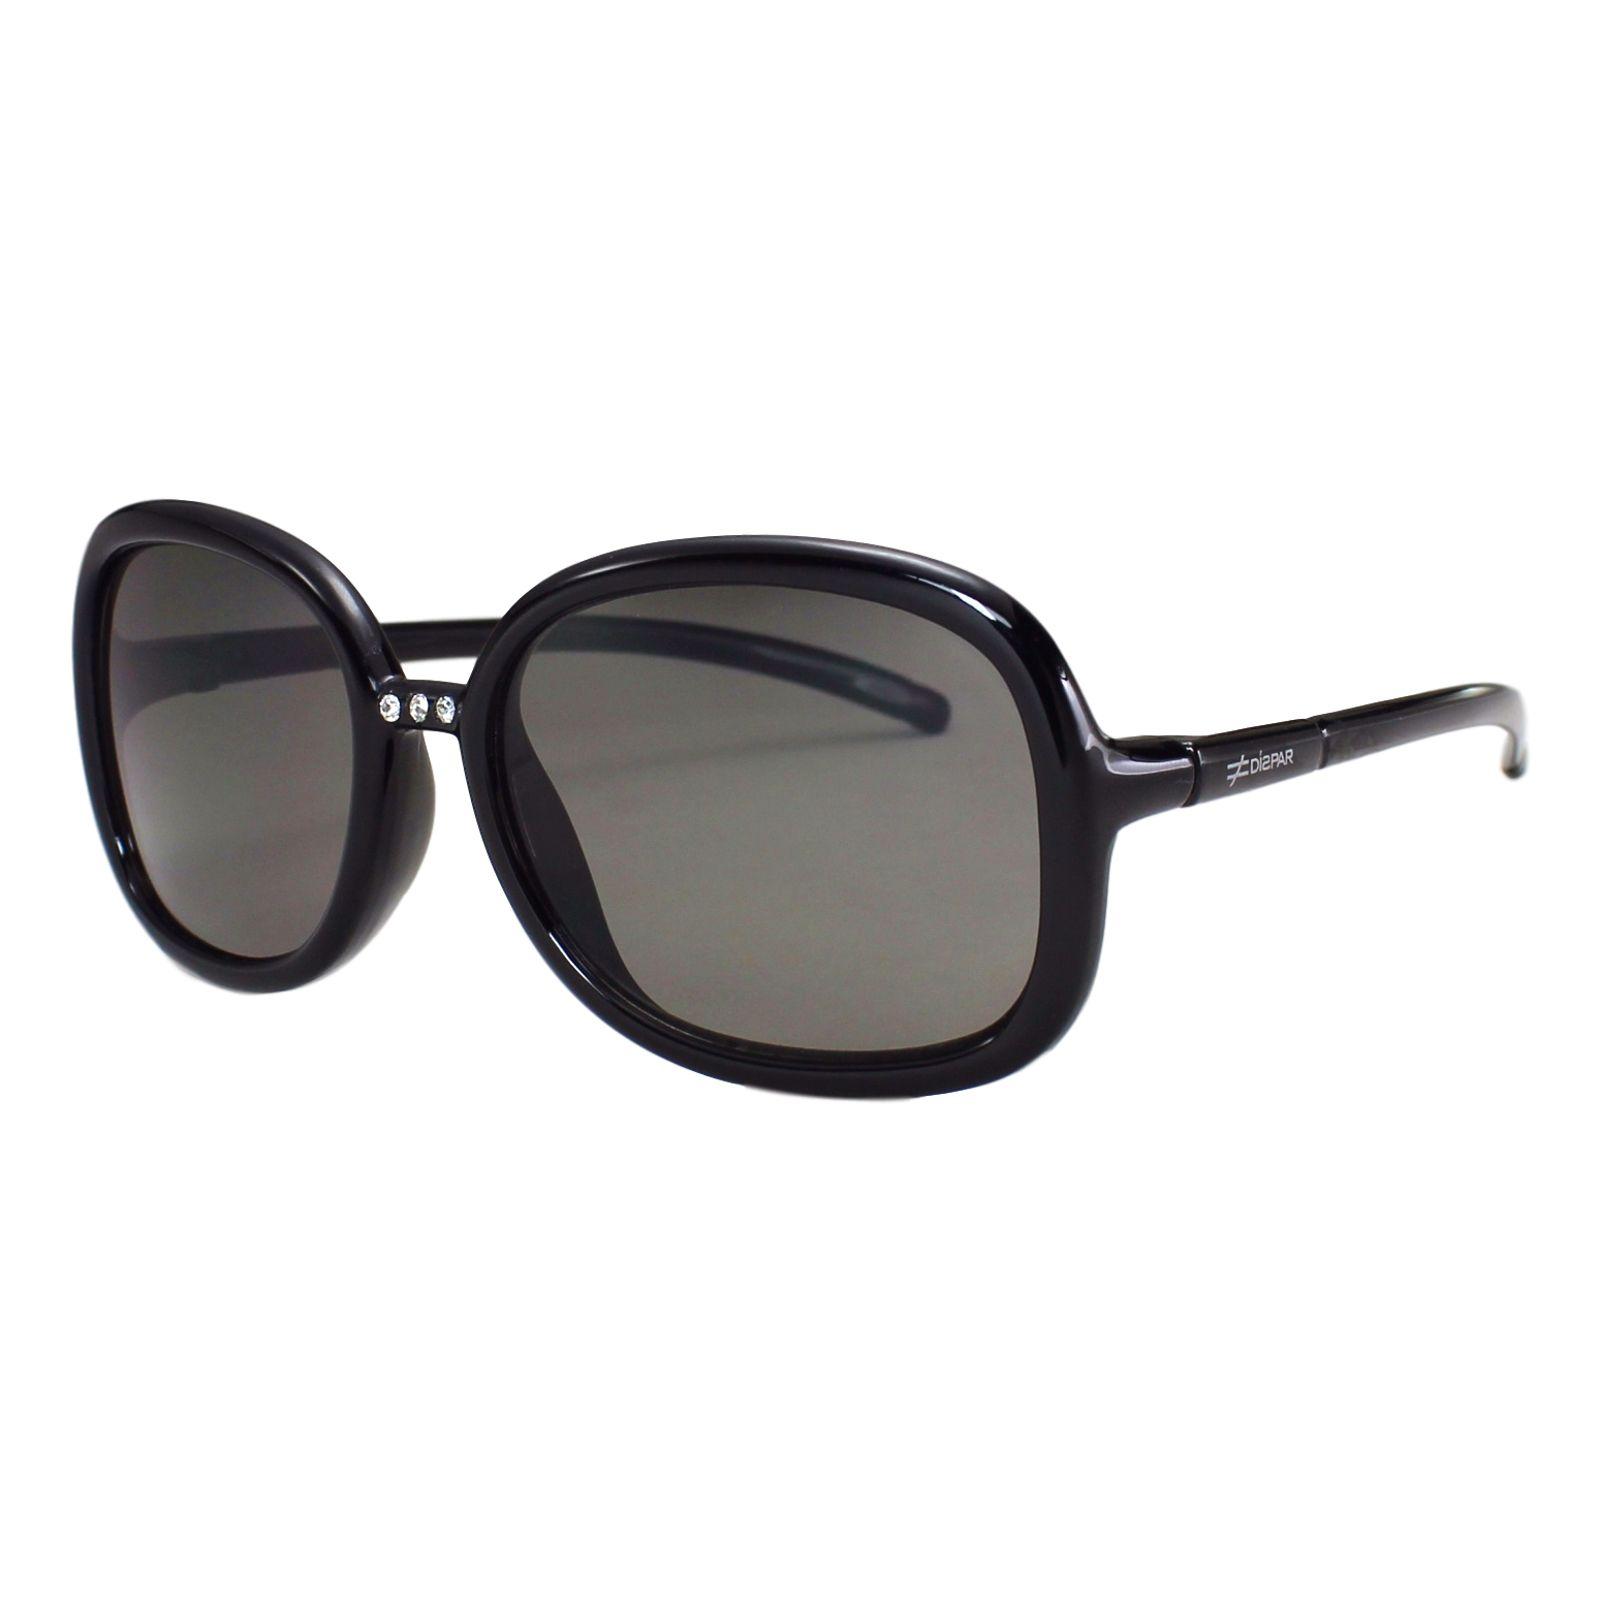 Óculos de Sol Díspar ID1739 infantil - Preto